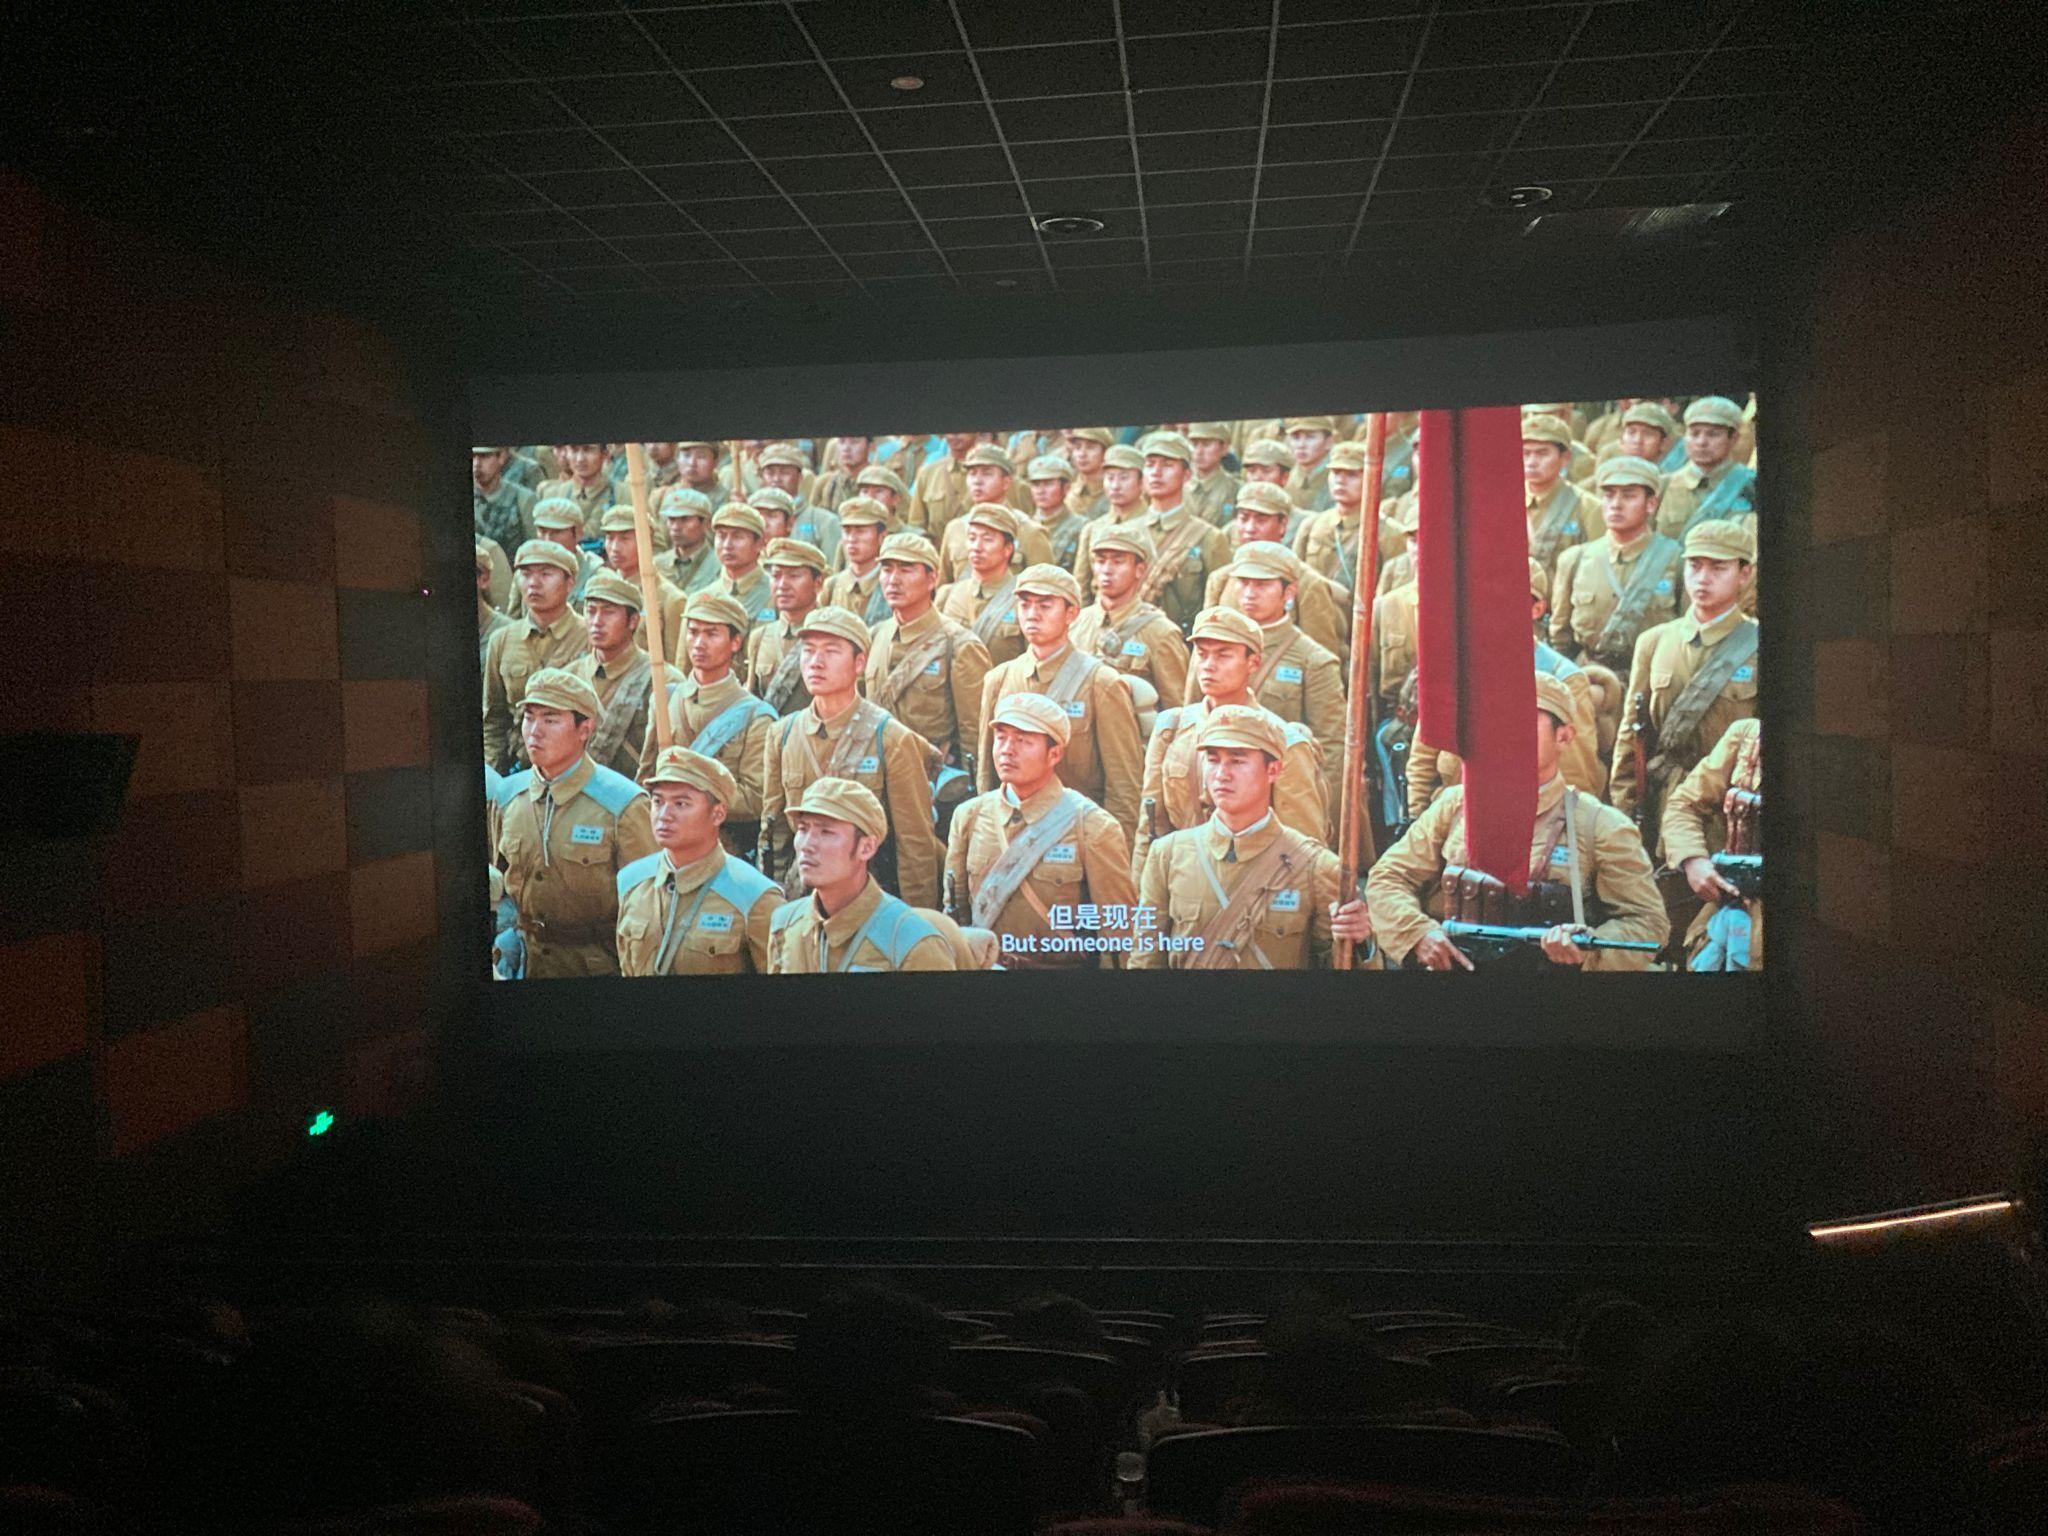 武汉一高校组织教职工党员观看红色电影《长津湖》等